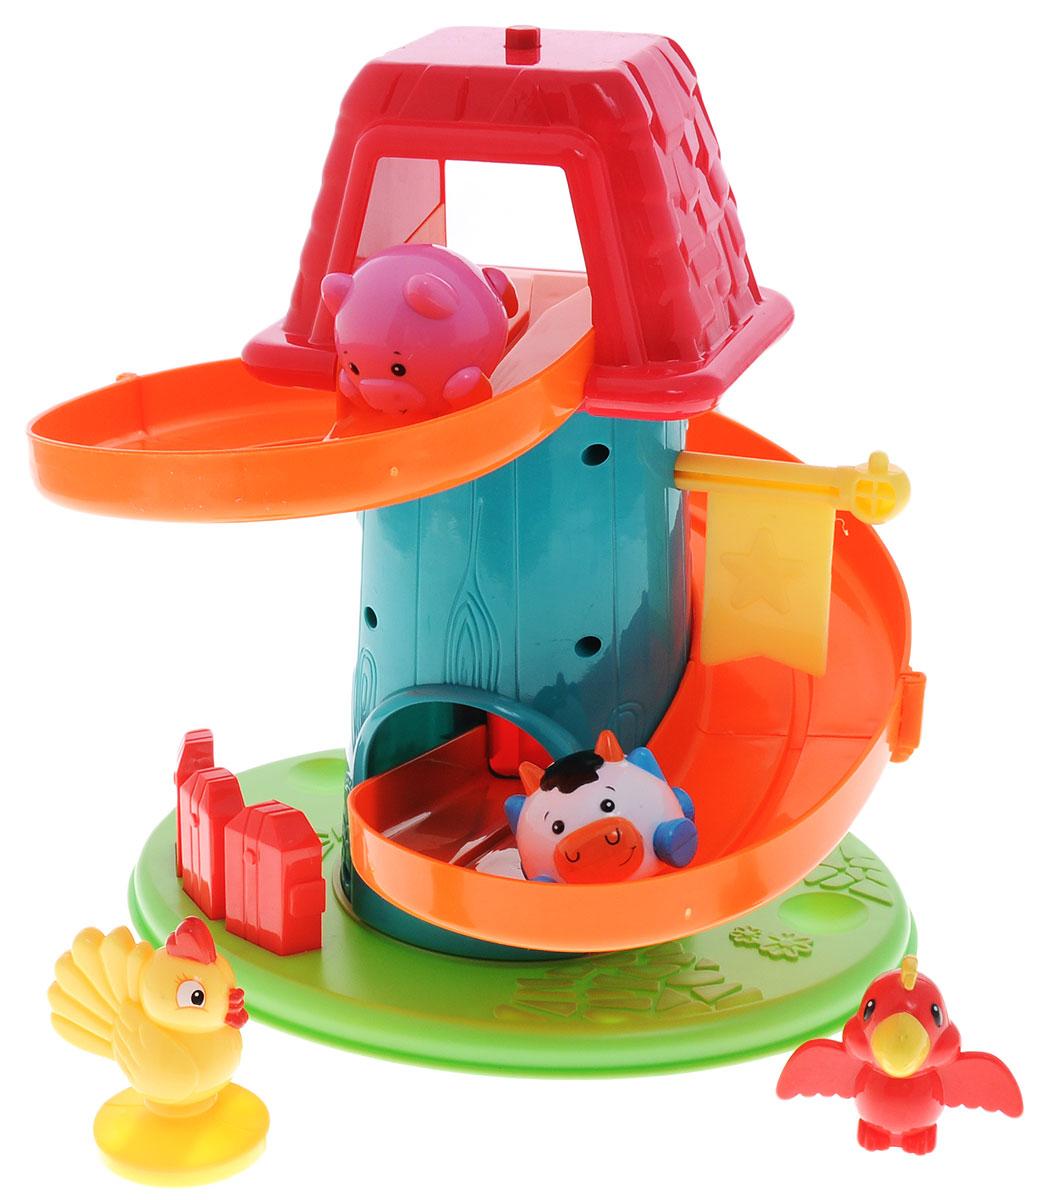 Simba Развивающая игрушка Вращающаяся ферма4014627Развивающая игрушка Simba Вращающаяся ферма будет интересна не только годовалым малышам, но и деткам помладше. Игрушка выполнена из гигиенического, безопасного для малышей пластика высокого качества, окрашенного нетоксичными красками. В комплект входят ферма (трек) и 4 фигурки животных - коровка, поросенок, петушок и попугай. Корова и поросенок предназначаются для спуска, петушок взирает сверху на веселые гонки, а попугай посередине трека держит музыкальный флажок. Проносясь по треку, по очереди, поросенок и коровка задевают флажок, что вызывает звон, радующий малыша. А заканчивается гонка зверюшек тем, что, набрав по пути скорость, они толчком открывают дверку, установленную на финише. Игра развивает моторику рук, концентрацию внимания, память, слуховое и зрительное восприятия, логическое мышление. Кроме того, ребенок узнает названия животных и цветов.